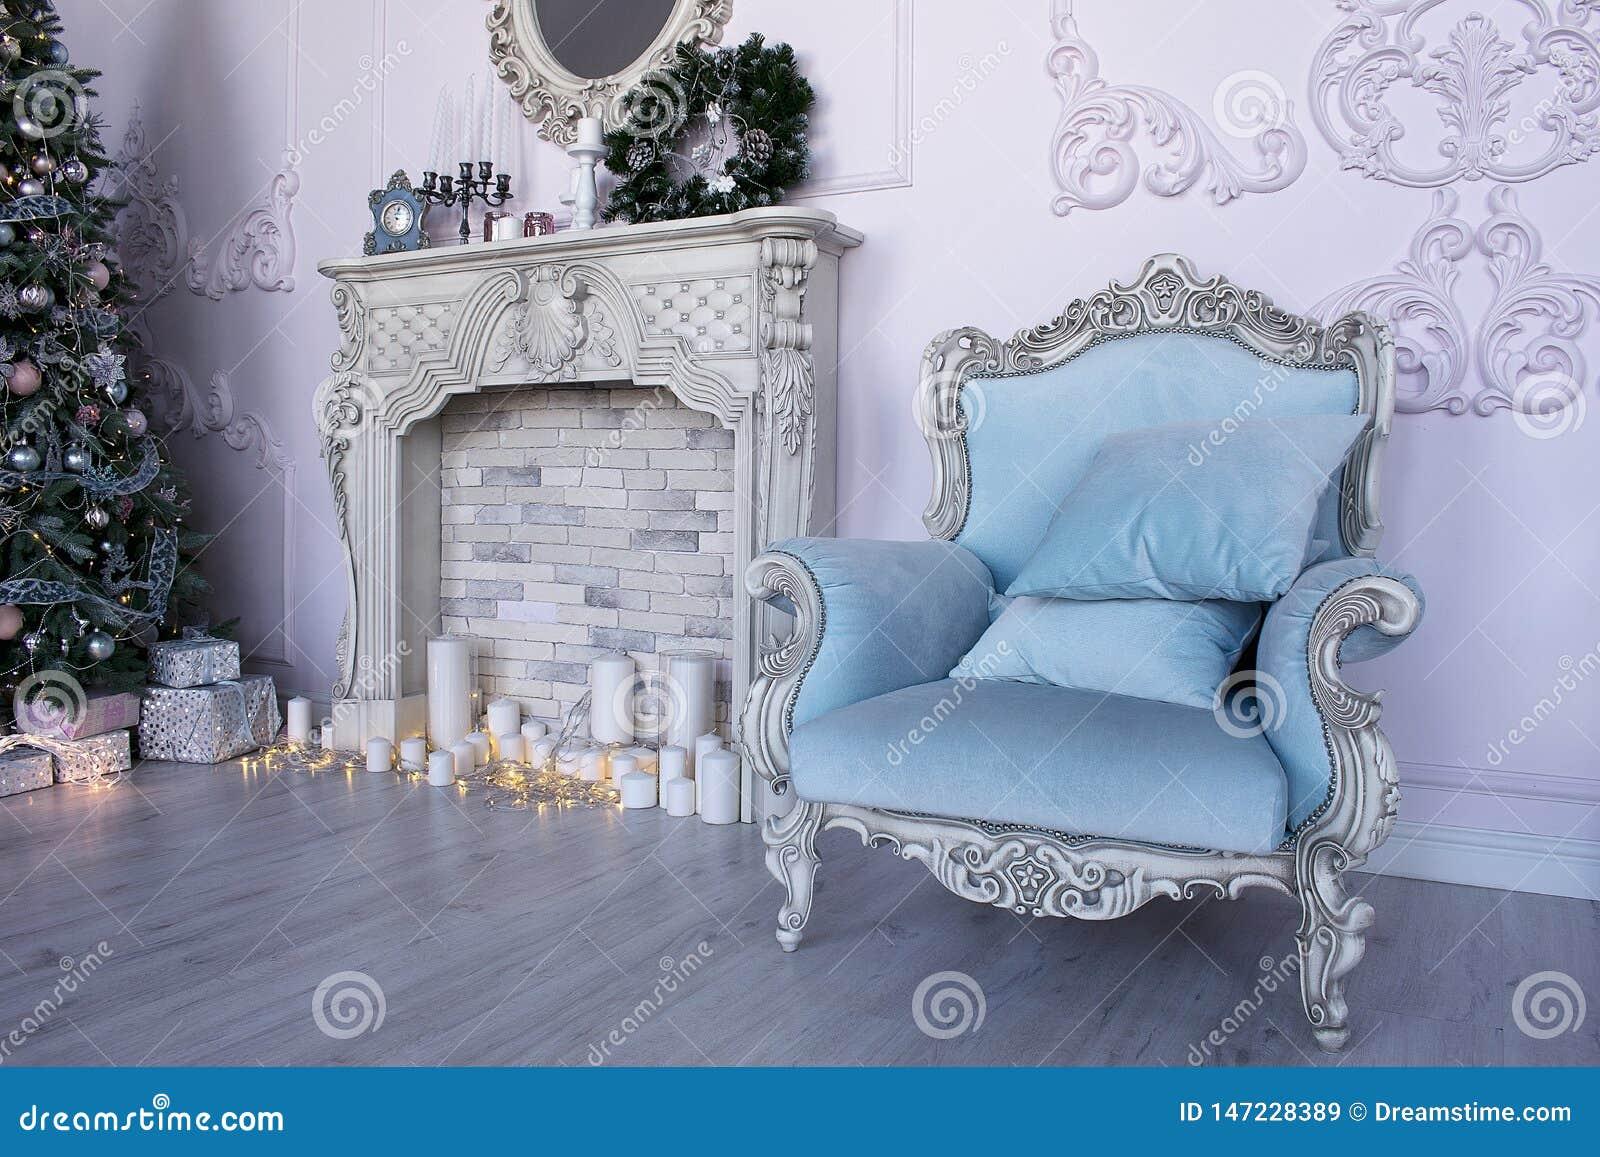 Studio mit einem blauen Lehnsessel, einem Kamin und einem Weihnachtsbaum